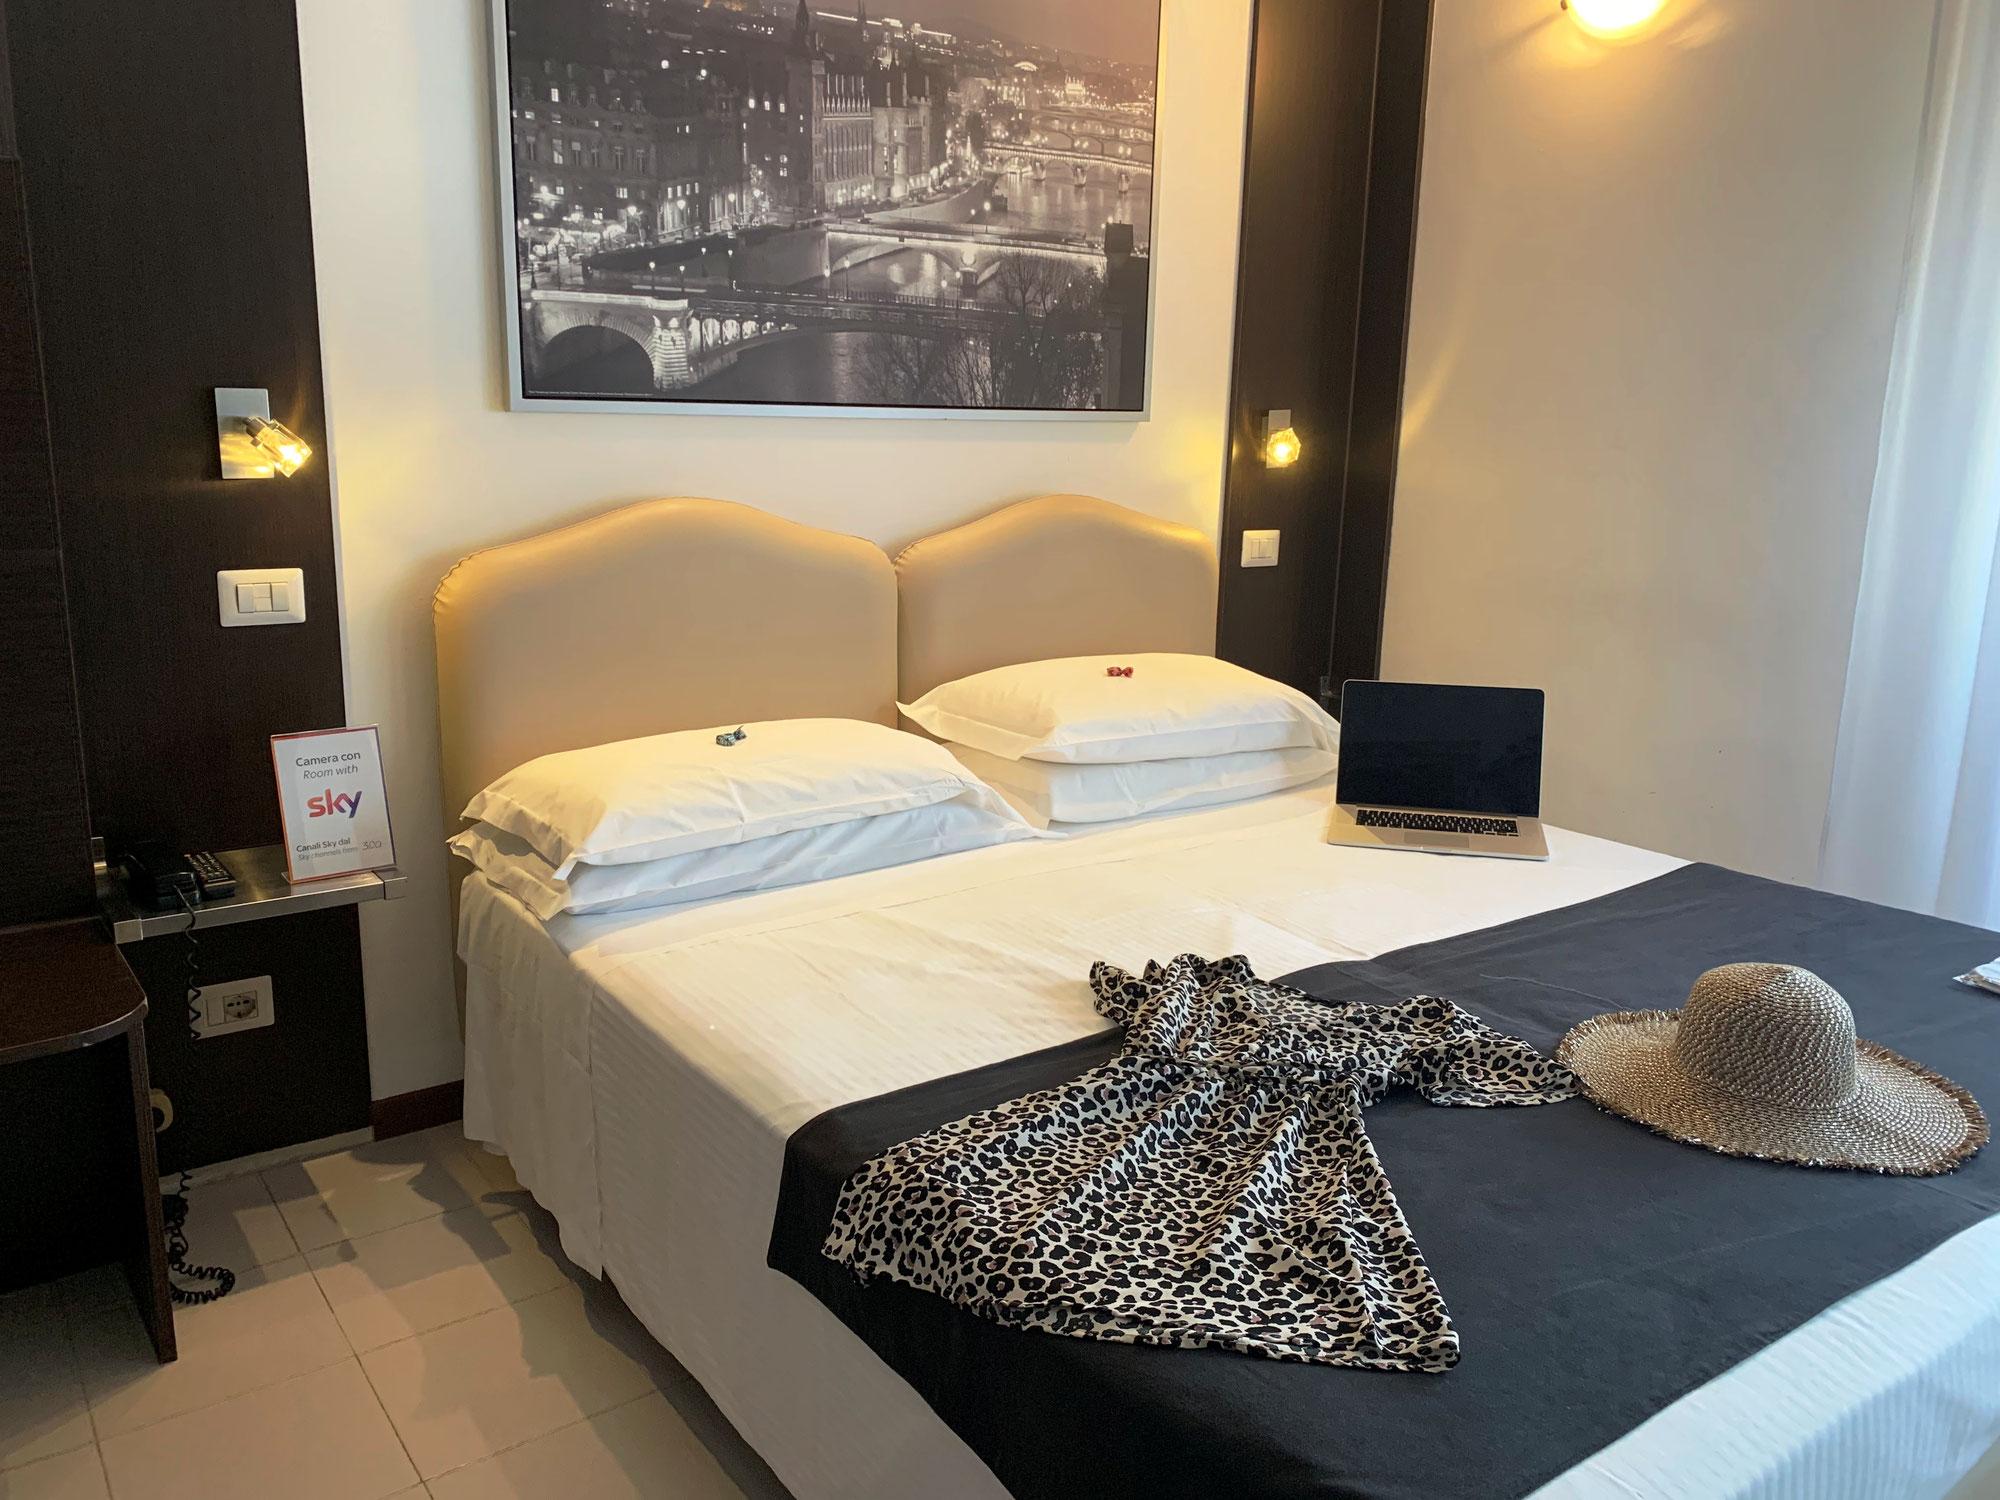 Hotel 3 Stelle Milano Centro - I migliori hotel 3 stelle a Milano